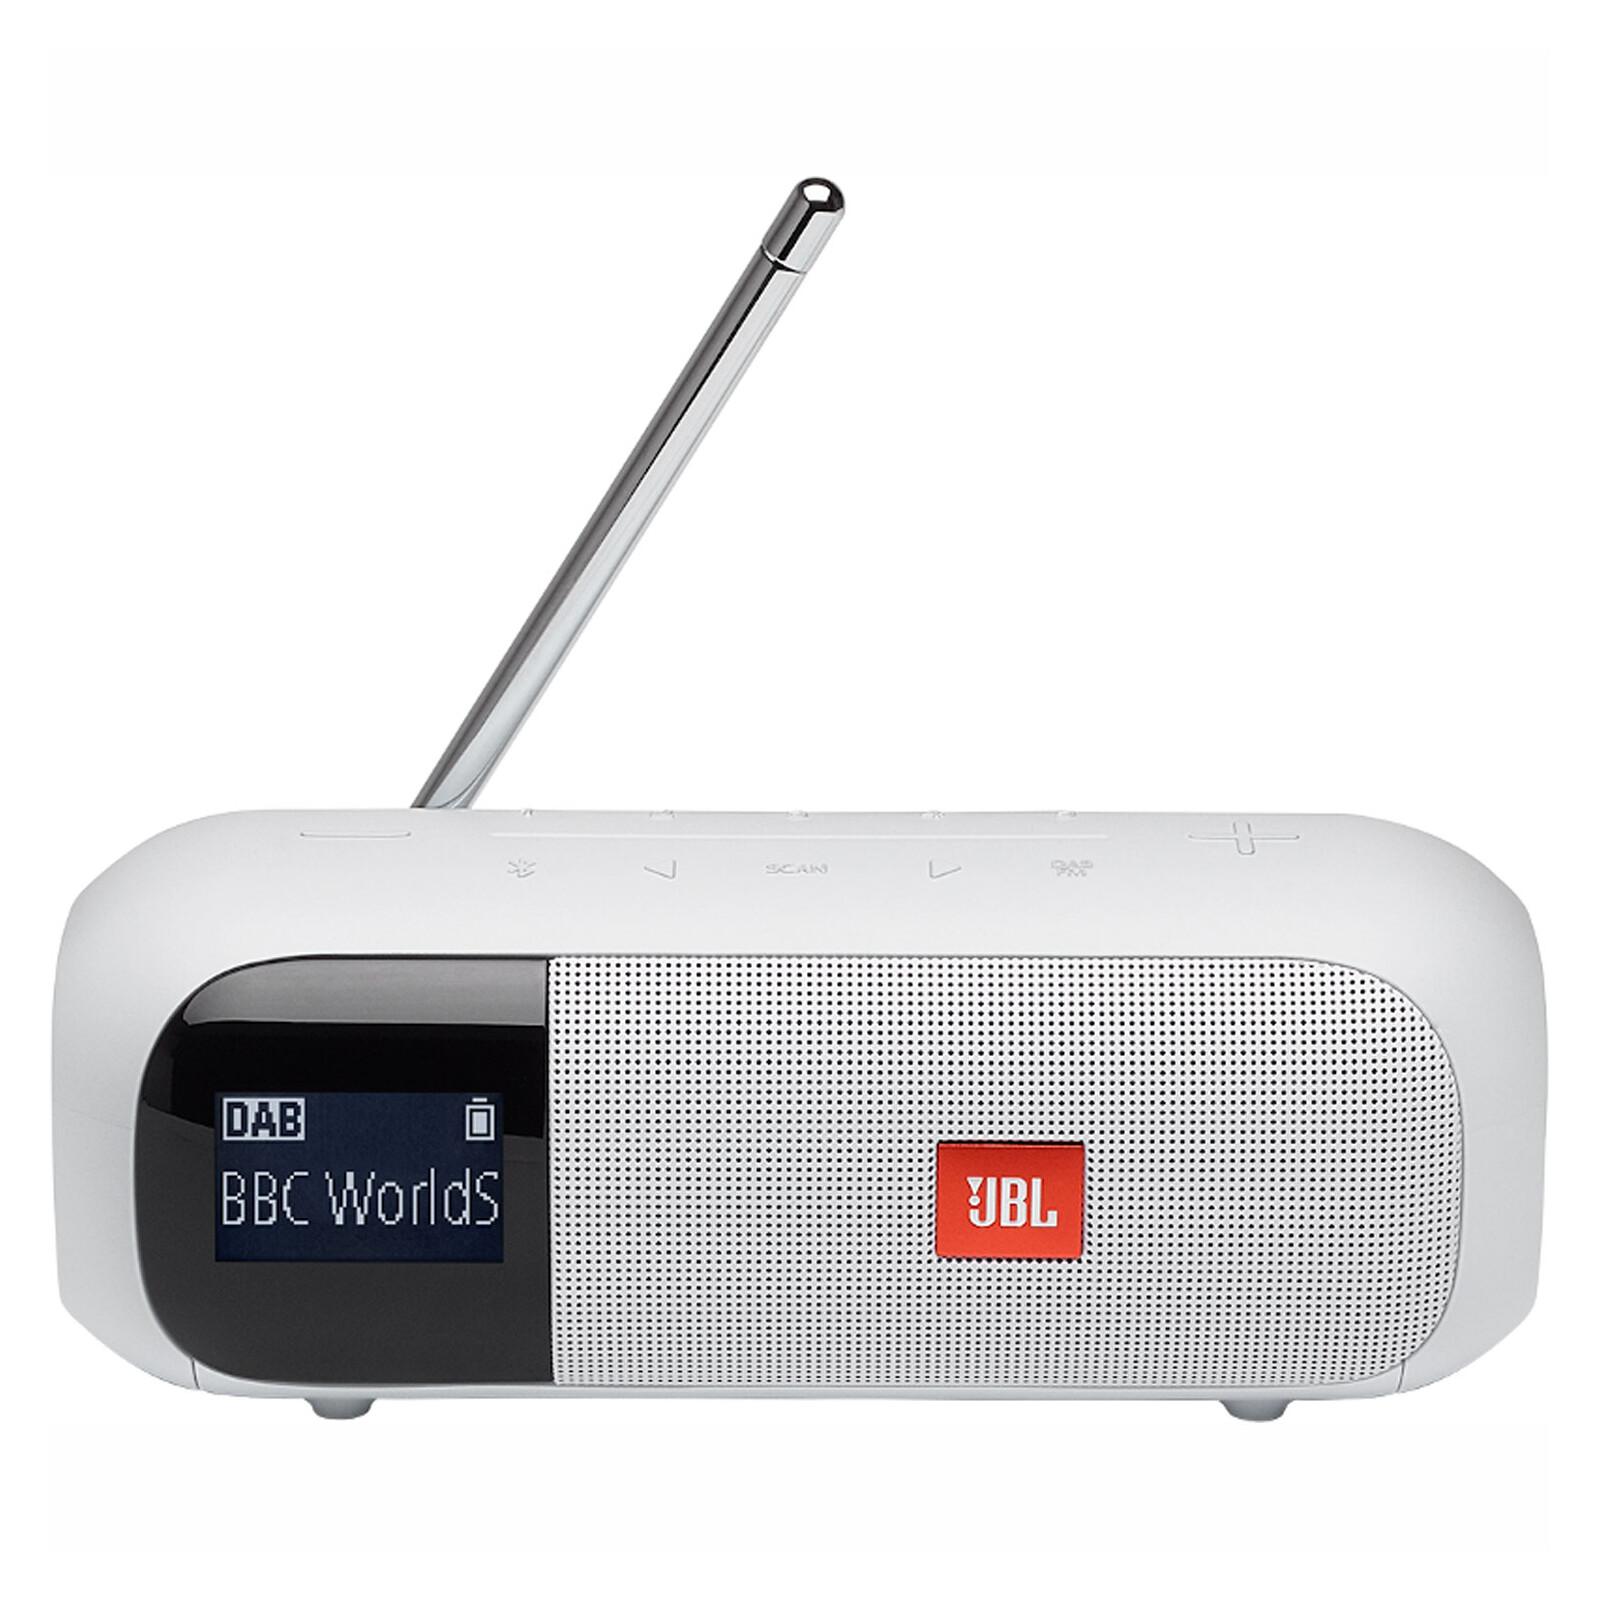 JBL Tuner 2 BT Lautsprecher mit Radio weiß